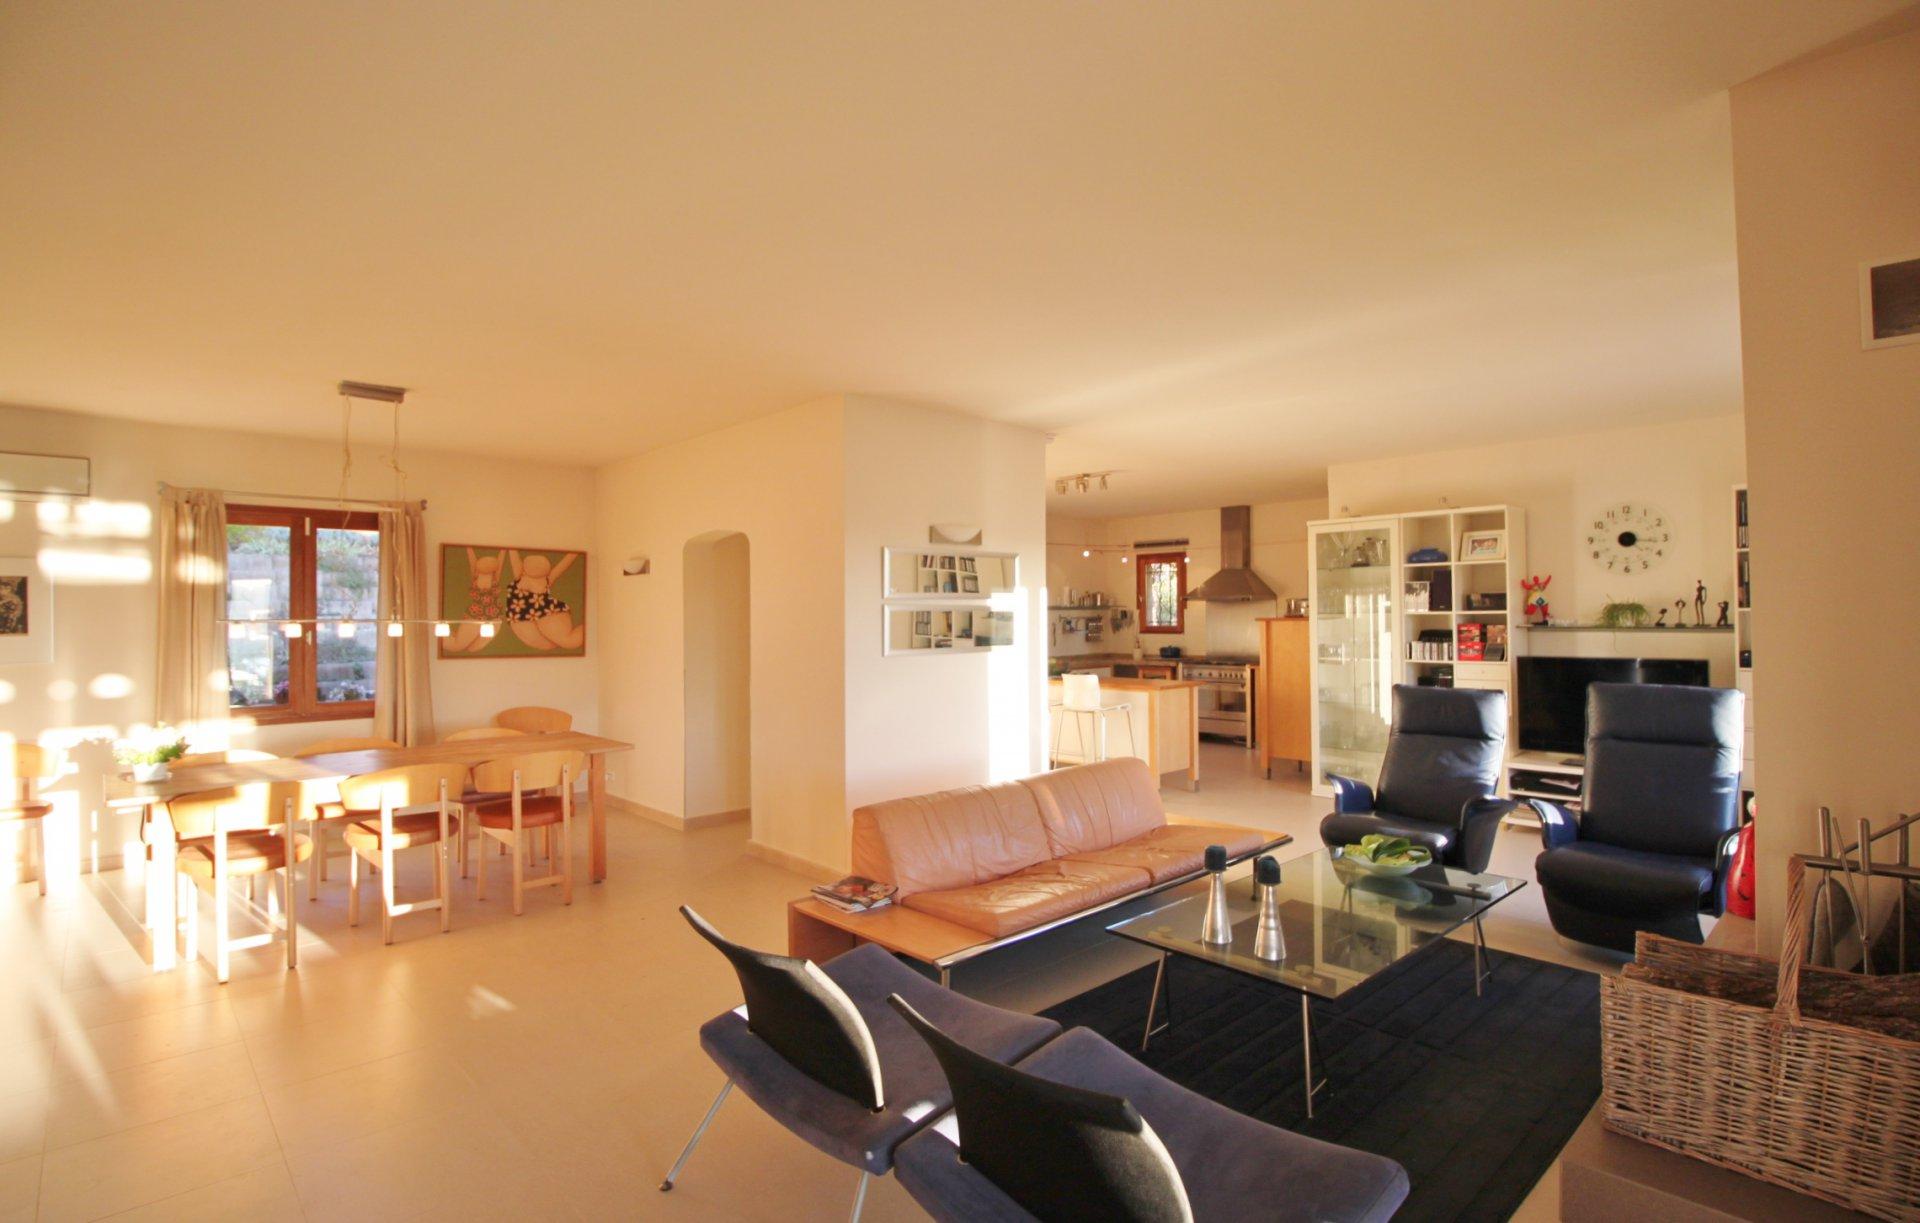 Open ruimte met keuken, eetkamer en salon